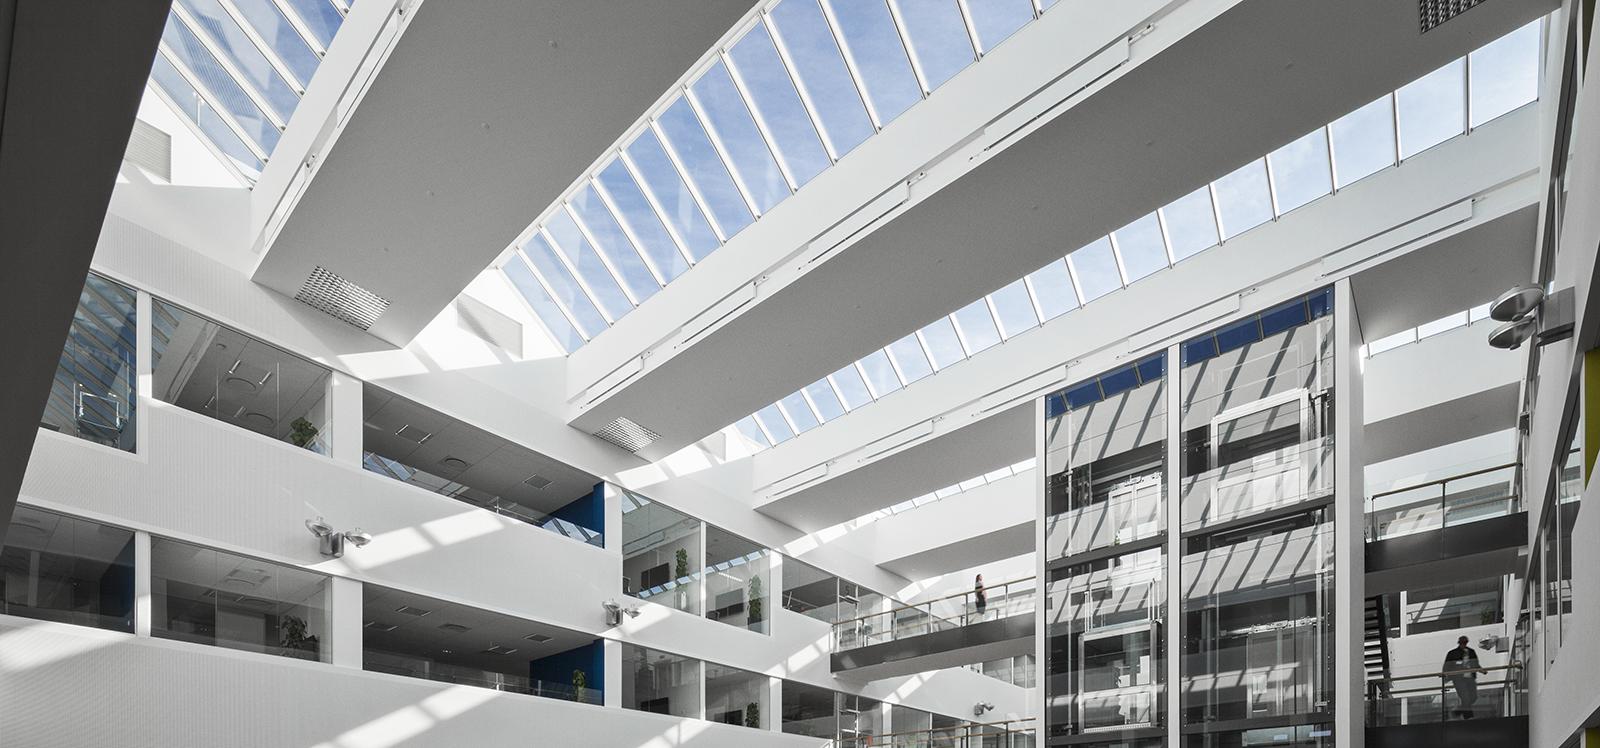 VELUX modular skylight letting the sunlight in